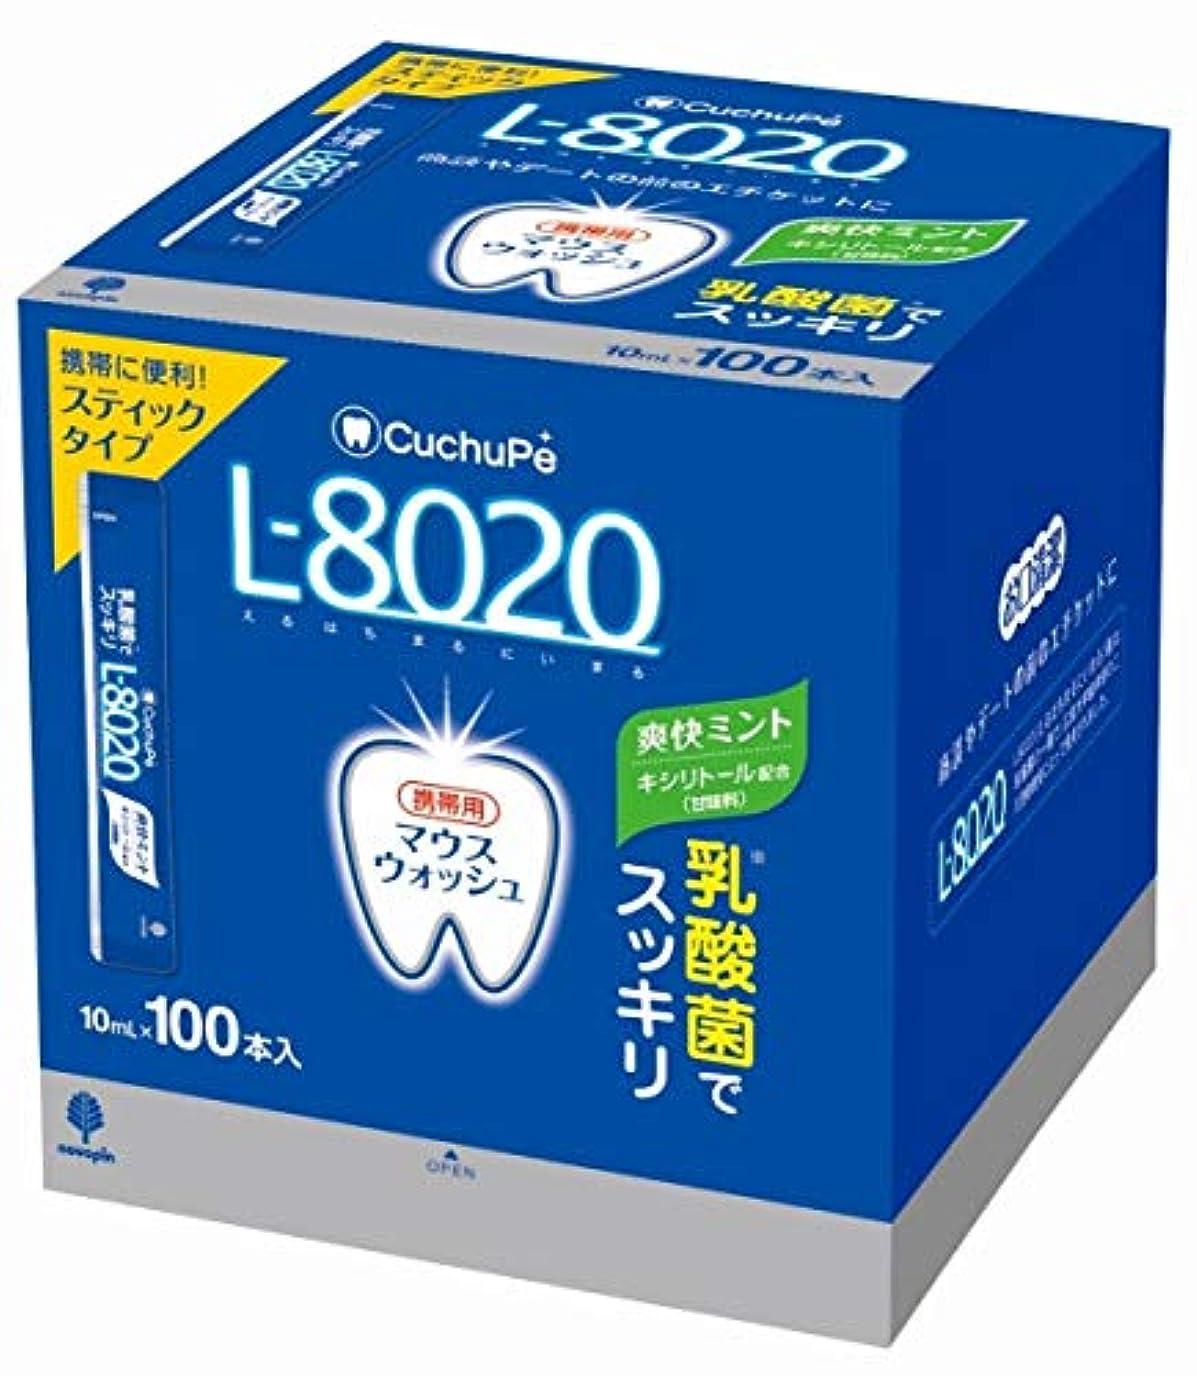 夜間陽気な火日本製 made in japan クチュッペL-8020 爽快ミント スティックタイプ100本入(アルコール) K-7091【まとめ買い10個セット】